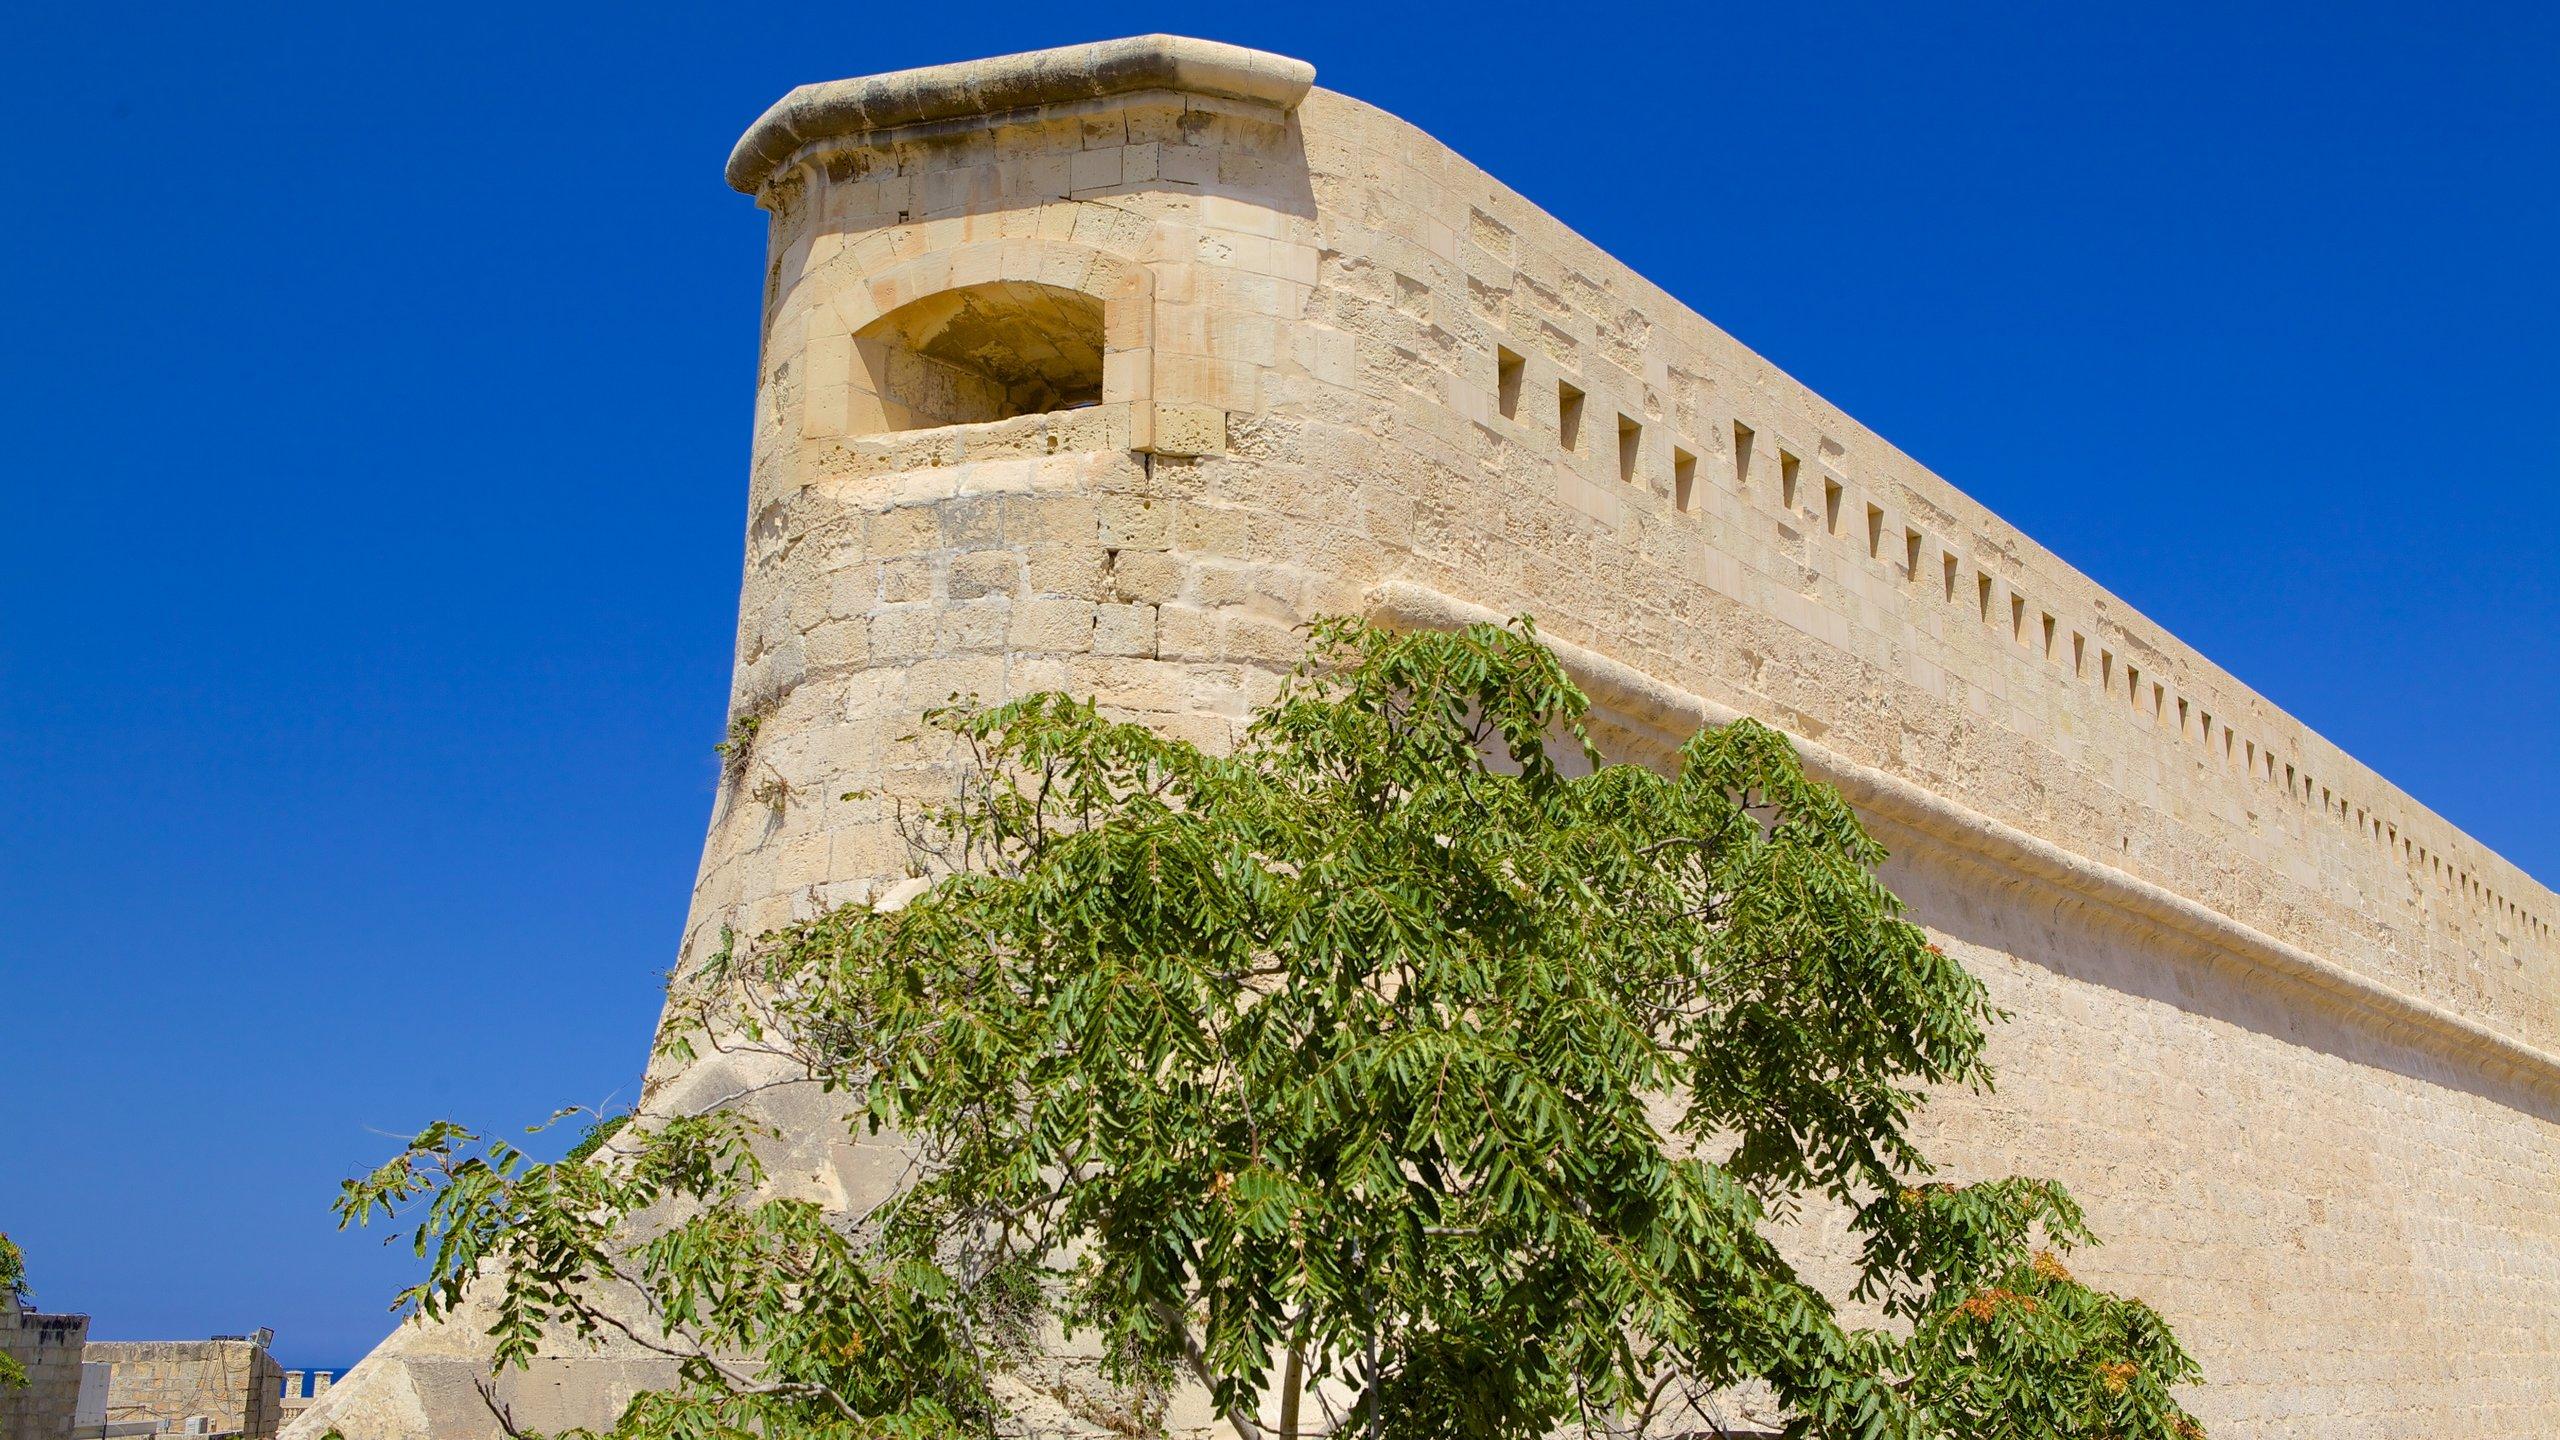 Diese mächtige Festung hält seit über 400 Jahren Wache über die Hauptstadt Maltas. Lassen Sie sich von dramatischen Aufführungen mitreißen, die Ihnen gleichzeitig noch allerhand Wissenswertes über die historischen Belagerungen näherbringen, die hier einst stattfanden.